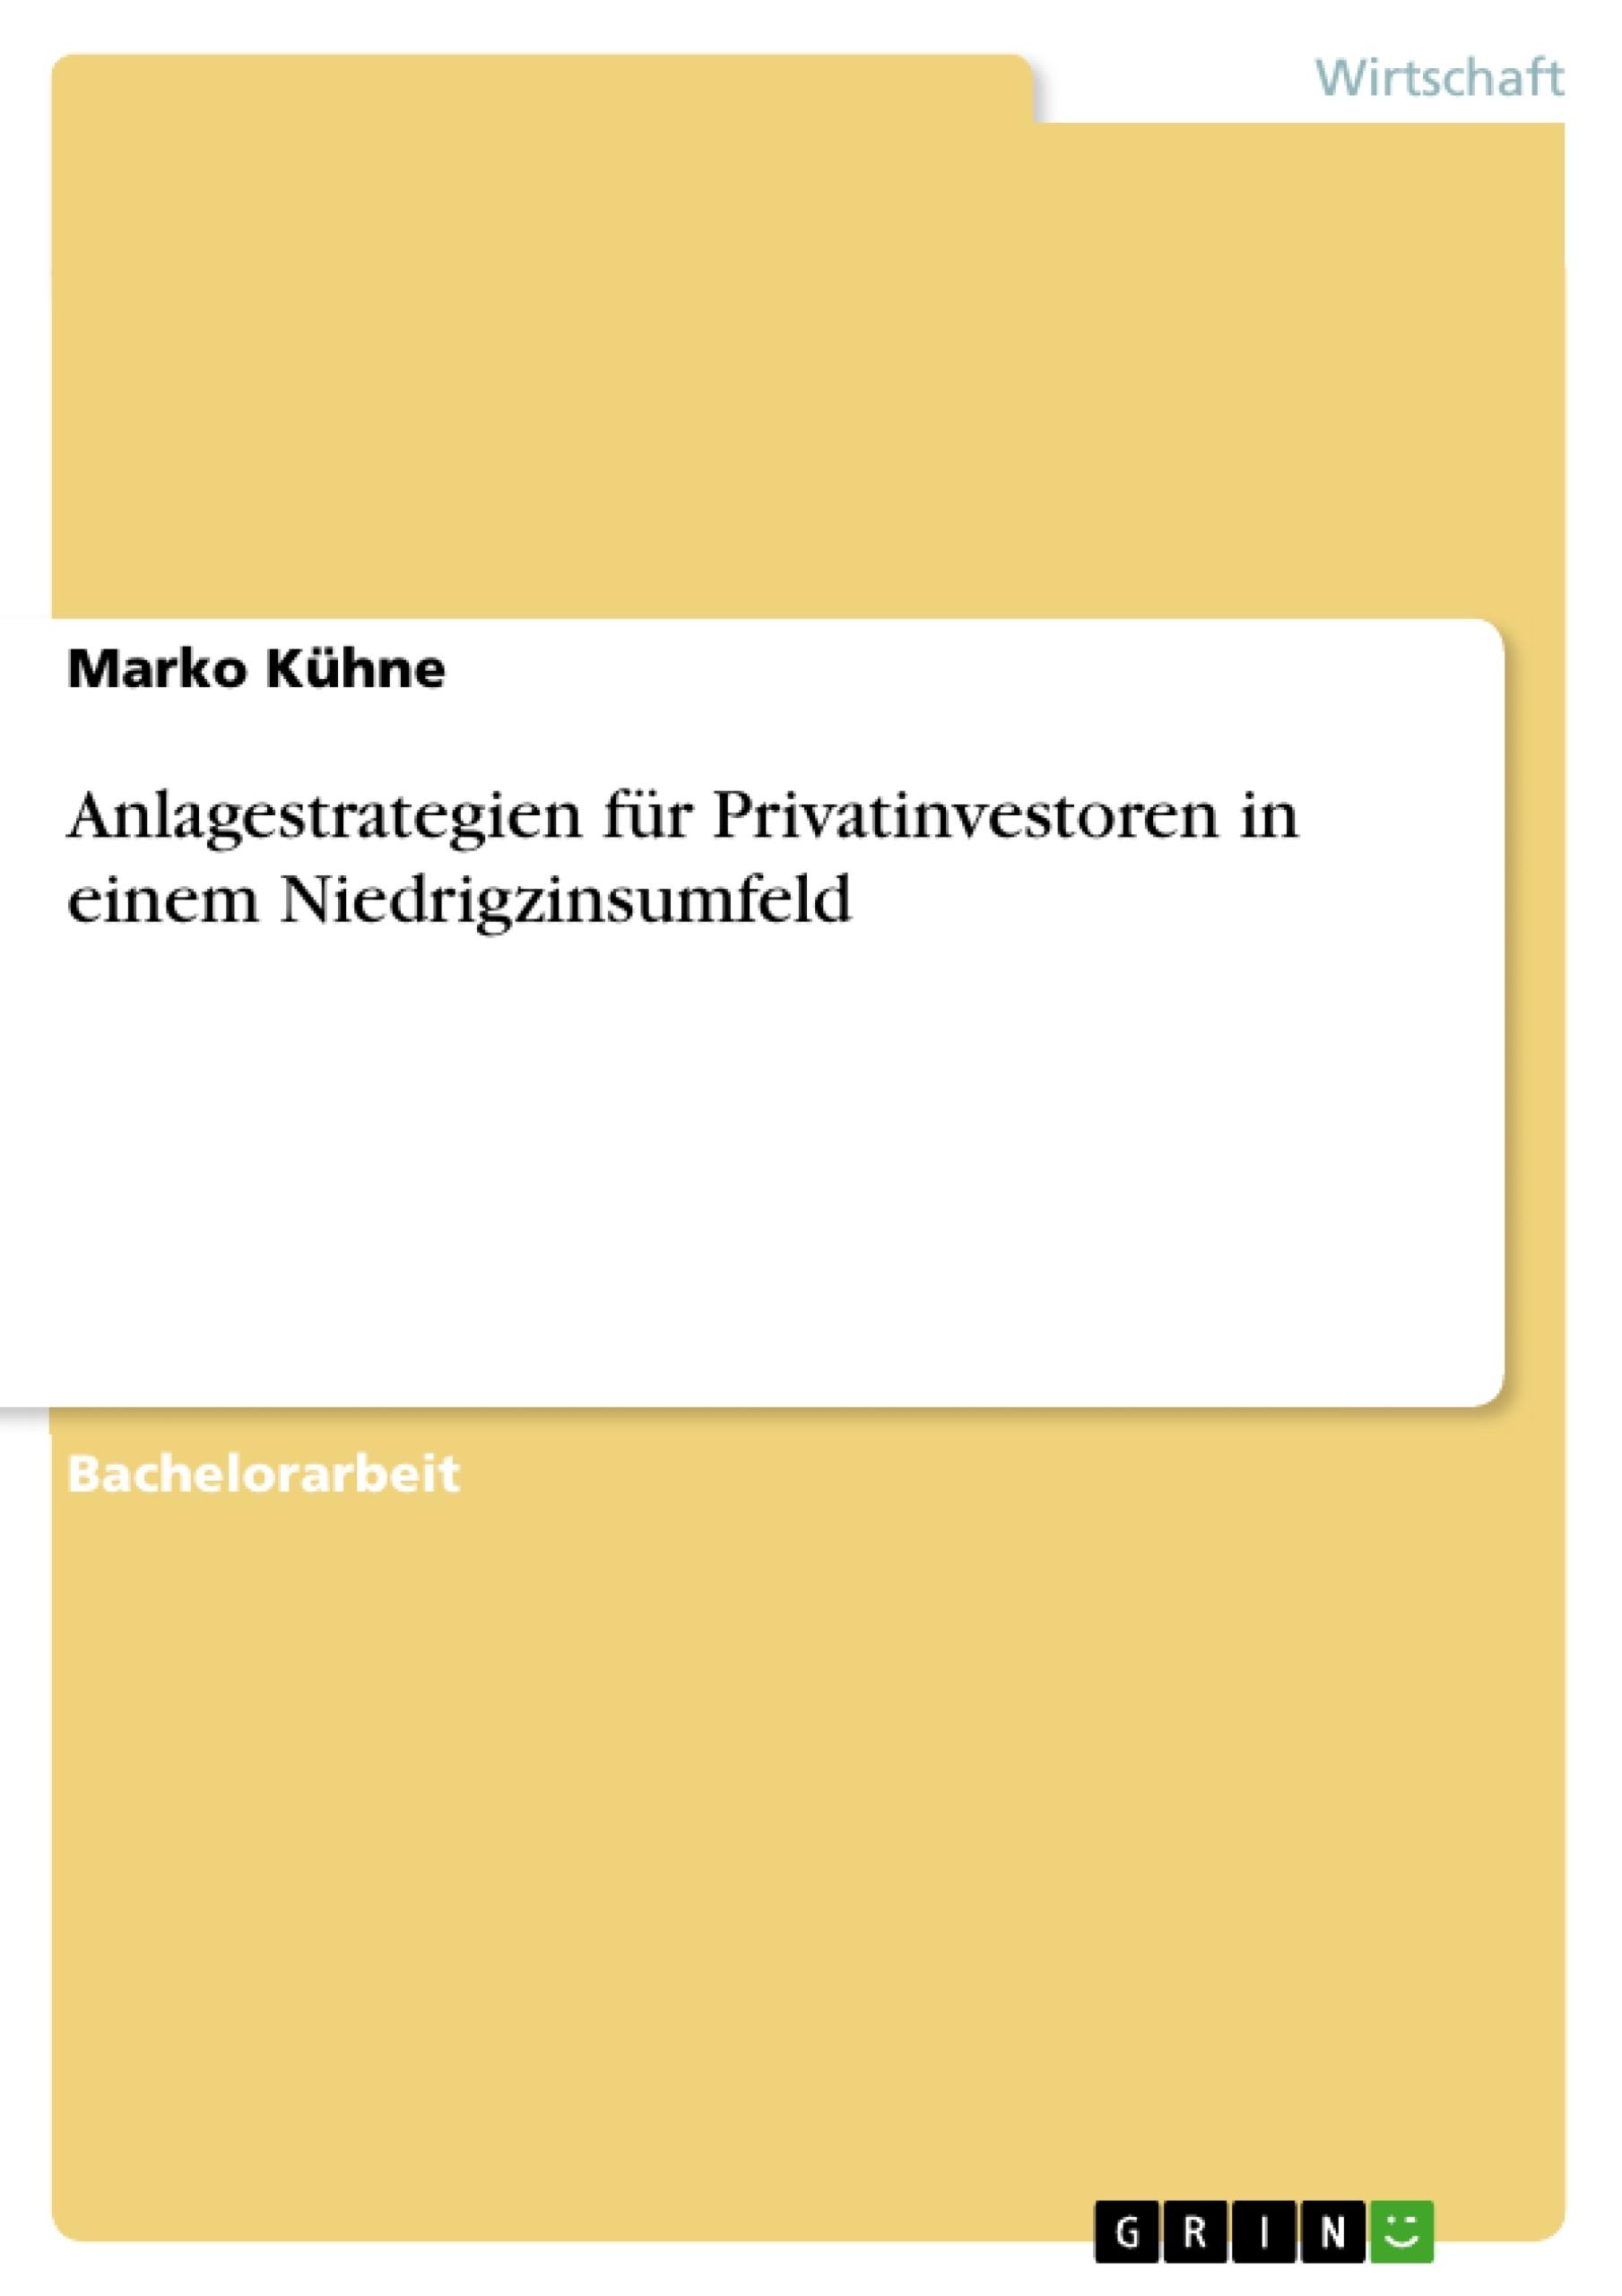 Titel: Anlagestrategien für Privatinvestoren in einem Niedrigzinsumfeld